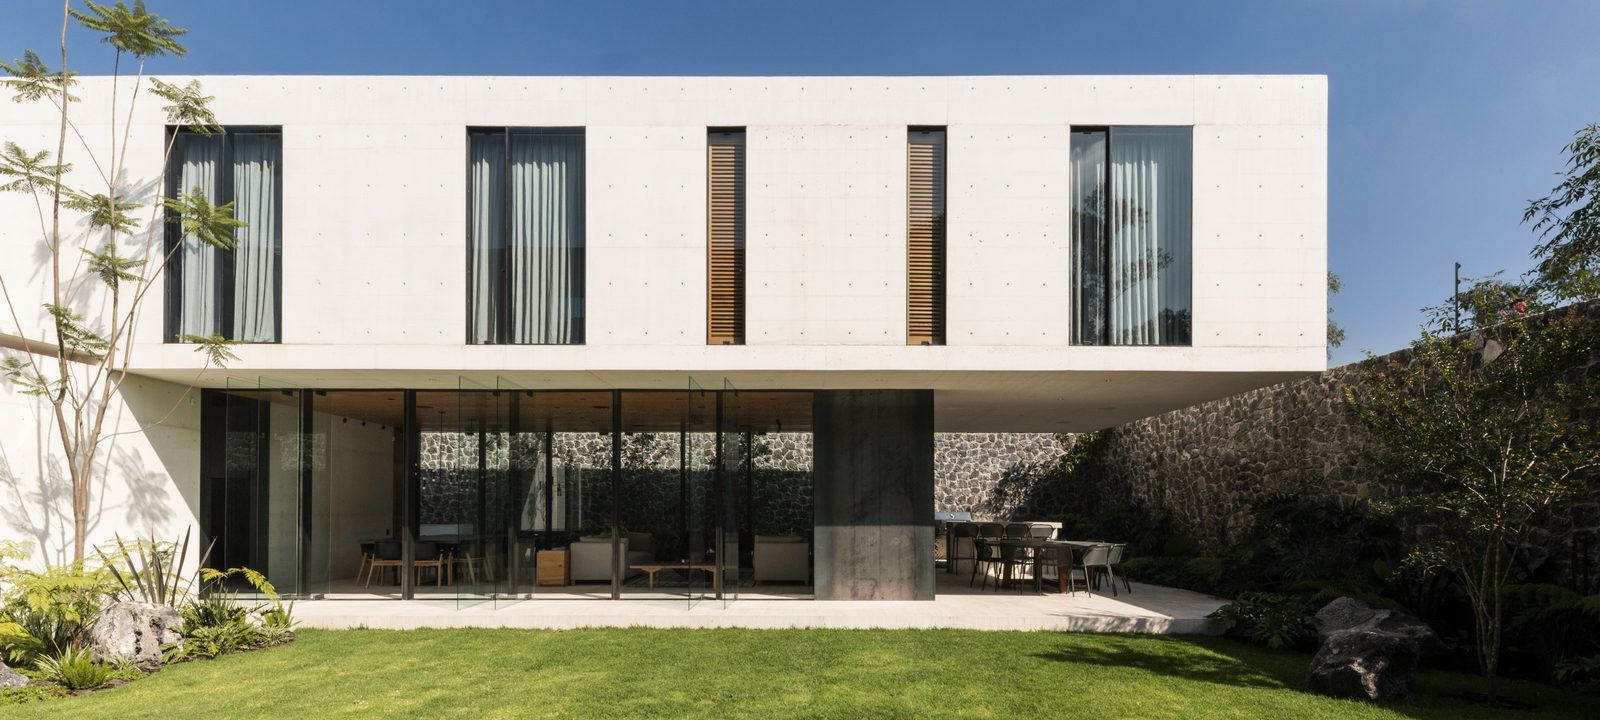 7 Casa Peñas_ CCA _ Centro de Colaboración Arquitectónica (Copiar)